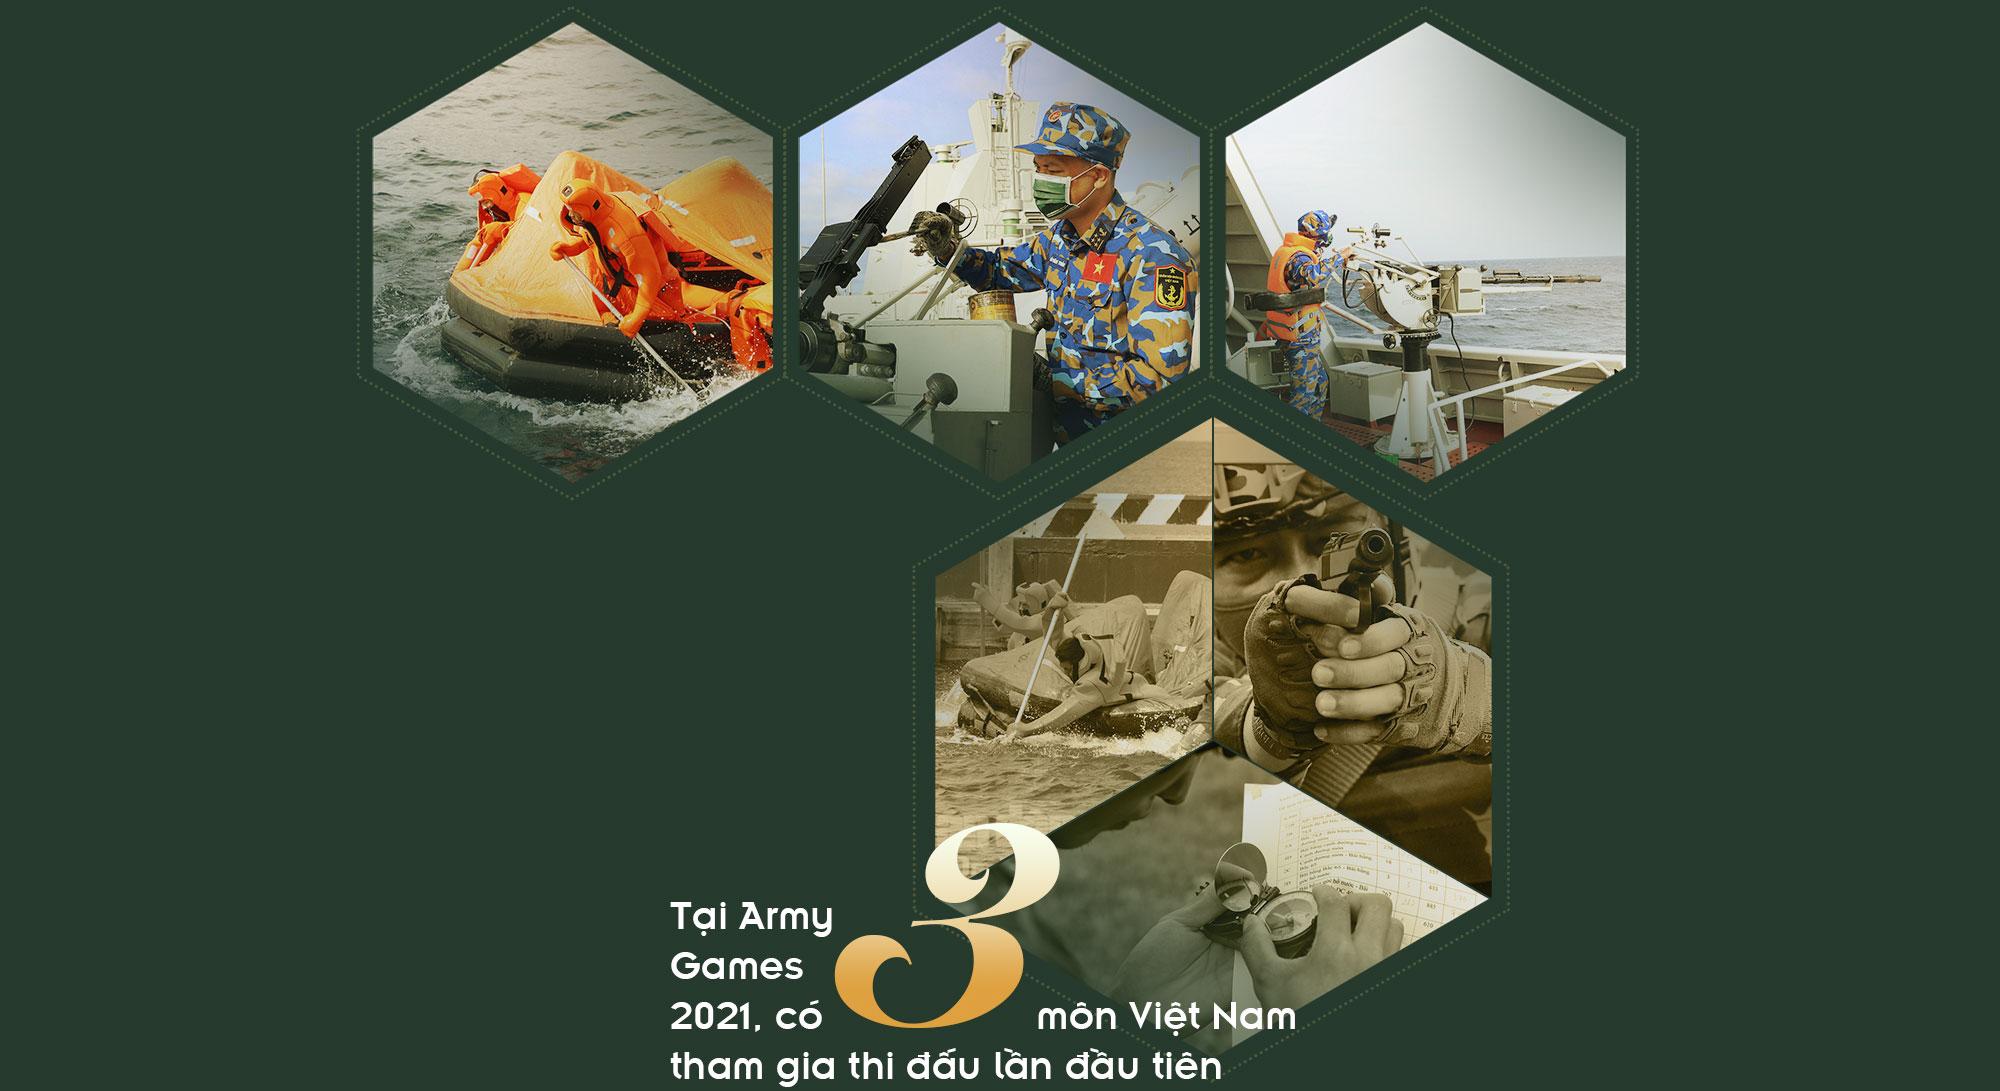 [PHOTO ESSAY] Army Games 2021: Hành trình quyết thắng của đội tuyển QĐND Việt Nam qua 12 con số đặc biệt - Ảnh 3.